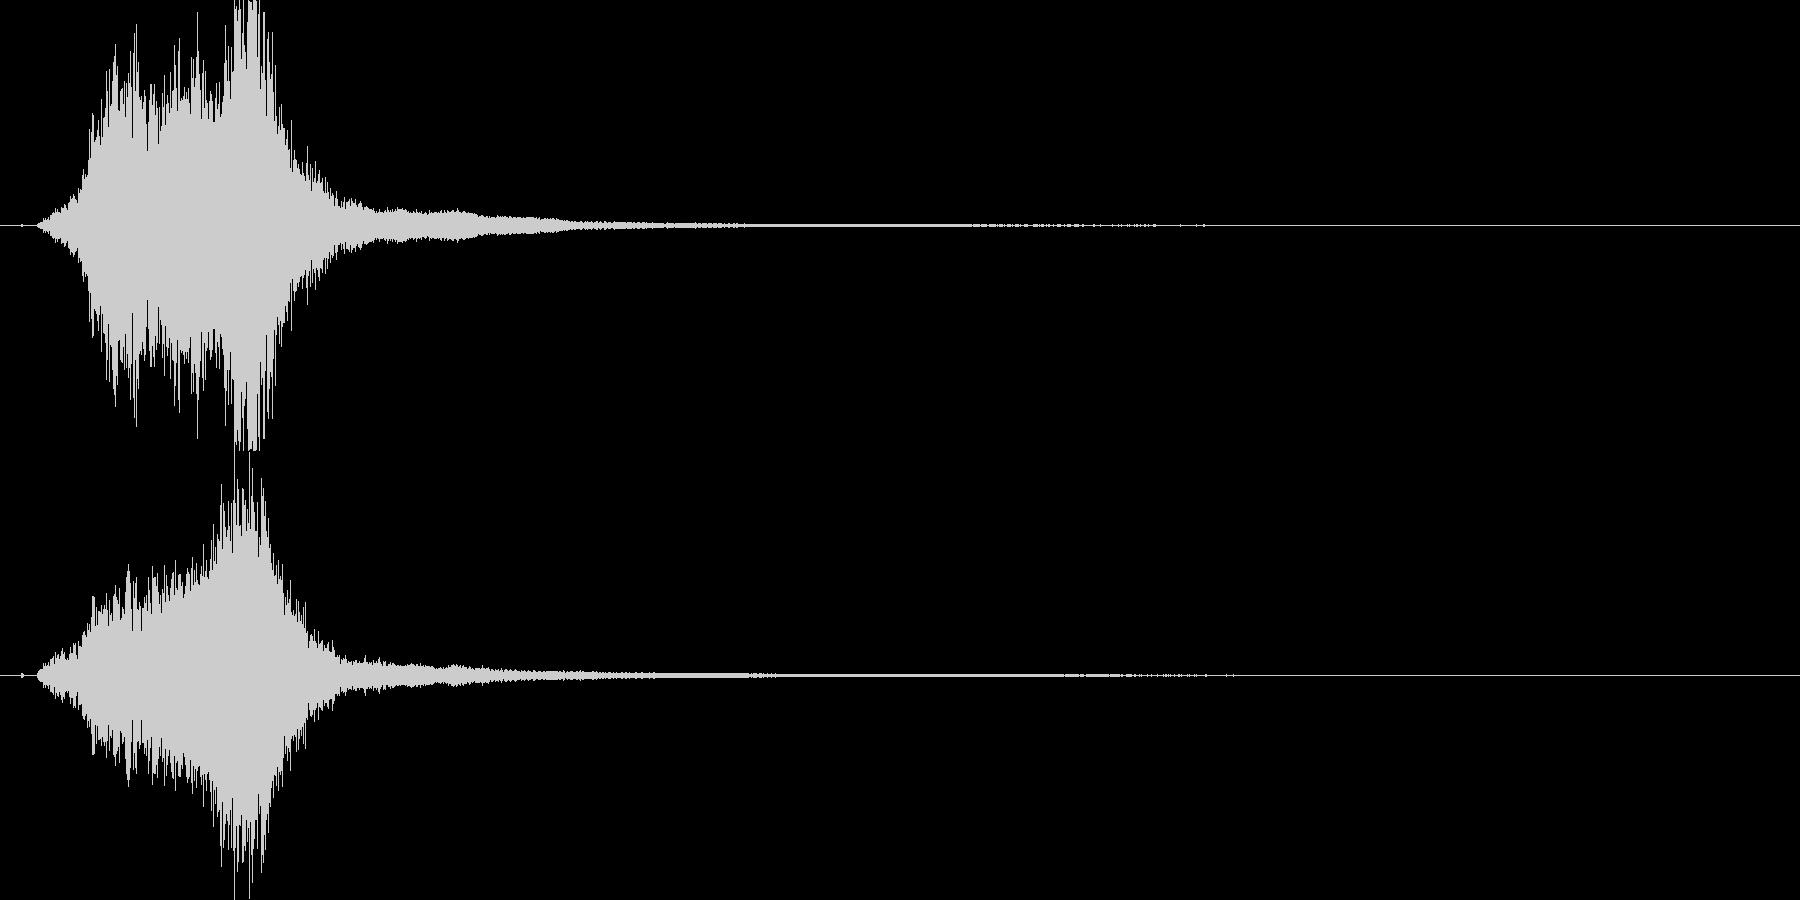 シャキーン!リアルな剣や刀の抜刀音!05の未再生の波形